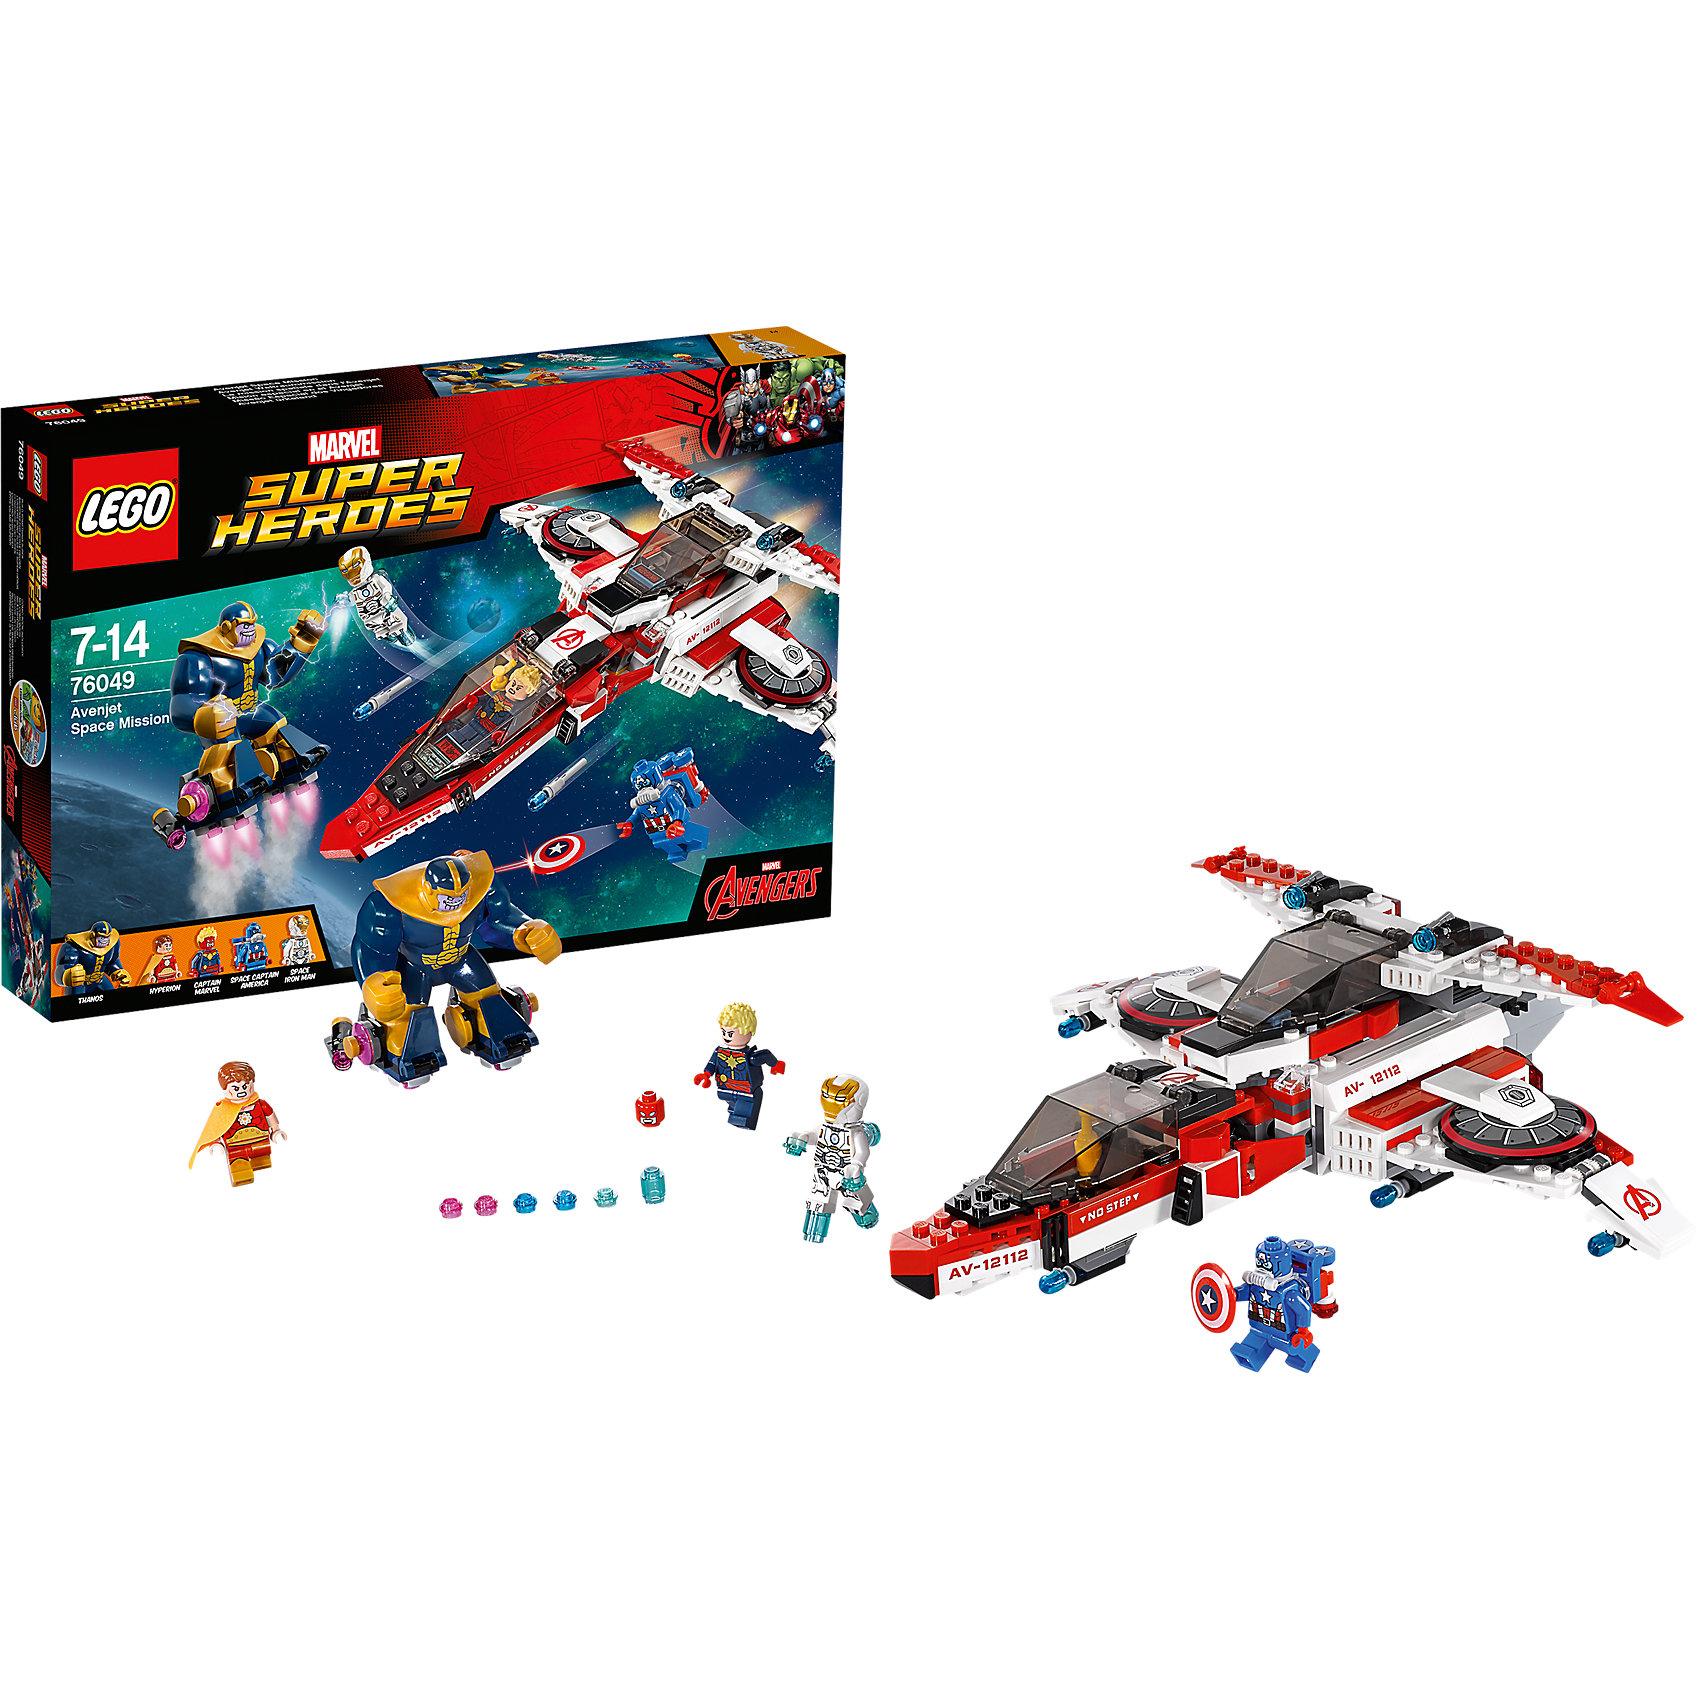 LEGO Super Heroes 76049: Реактивный самолёт Мстителей: космическая миссияПластмассовые конструкторы<br>Могучие Танос и Гиперион готовятся напасть на Землю! Помоги Железному человеку, Капитану Марвелу и Капитану Америка остановить их с помощью супер-скоростного реактивного самолёта Мстителей. Атакуй манёвренными ракетами, затем выпускай мини-самолет и стреляй из его шутеров. Смогут ли супергерои спасти планету?<br><br>LEGO Super Heroes (ЛЕГО Супер Герои) - серия конструкторов созданная специально по мотивам всеми известных комиксов. Спасай мир и борись со злом вместе с любимыми супергероями! Наборы серии можно комбинировать между собой, давая безграничные просторы для фантазии и придумывая свои новые истории. <br><br>Дополнительная информация:<br><br>- Конструкторы ЛЕГО развивают усидчивость, внимание, фантазию и мелкую моторику. <br>- 4 минифигурки в комплекте.<br>- В комплекте 4 минифигурки, аксессуары, реактивный самолет.<br>- Количество деталей: 523.<br>- Серия ЛЕГО Супер Герои (LEGO Super Heroes).<br>- Материал: пластик.<br>- Размер упаковки: 38х5,6х26 см.<br>- Вес: 0.71 кг.<br><br>Конструктор LEGO Super Heroes 76049: Реактивный самолёт Мстителей: космическая миссия можно купить в нашем магазине.<br><br>Ширина мм: 384<br>Глубина мм: 263<br>Высота мм: 63<br>Вес г: 730<br>Возраст от месяцев: 84<br>Возраст до месяцев: 168<br>Пол: Мужской<br>Возраст: Детский<br>SKU: 4259159